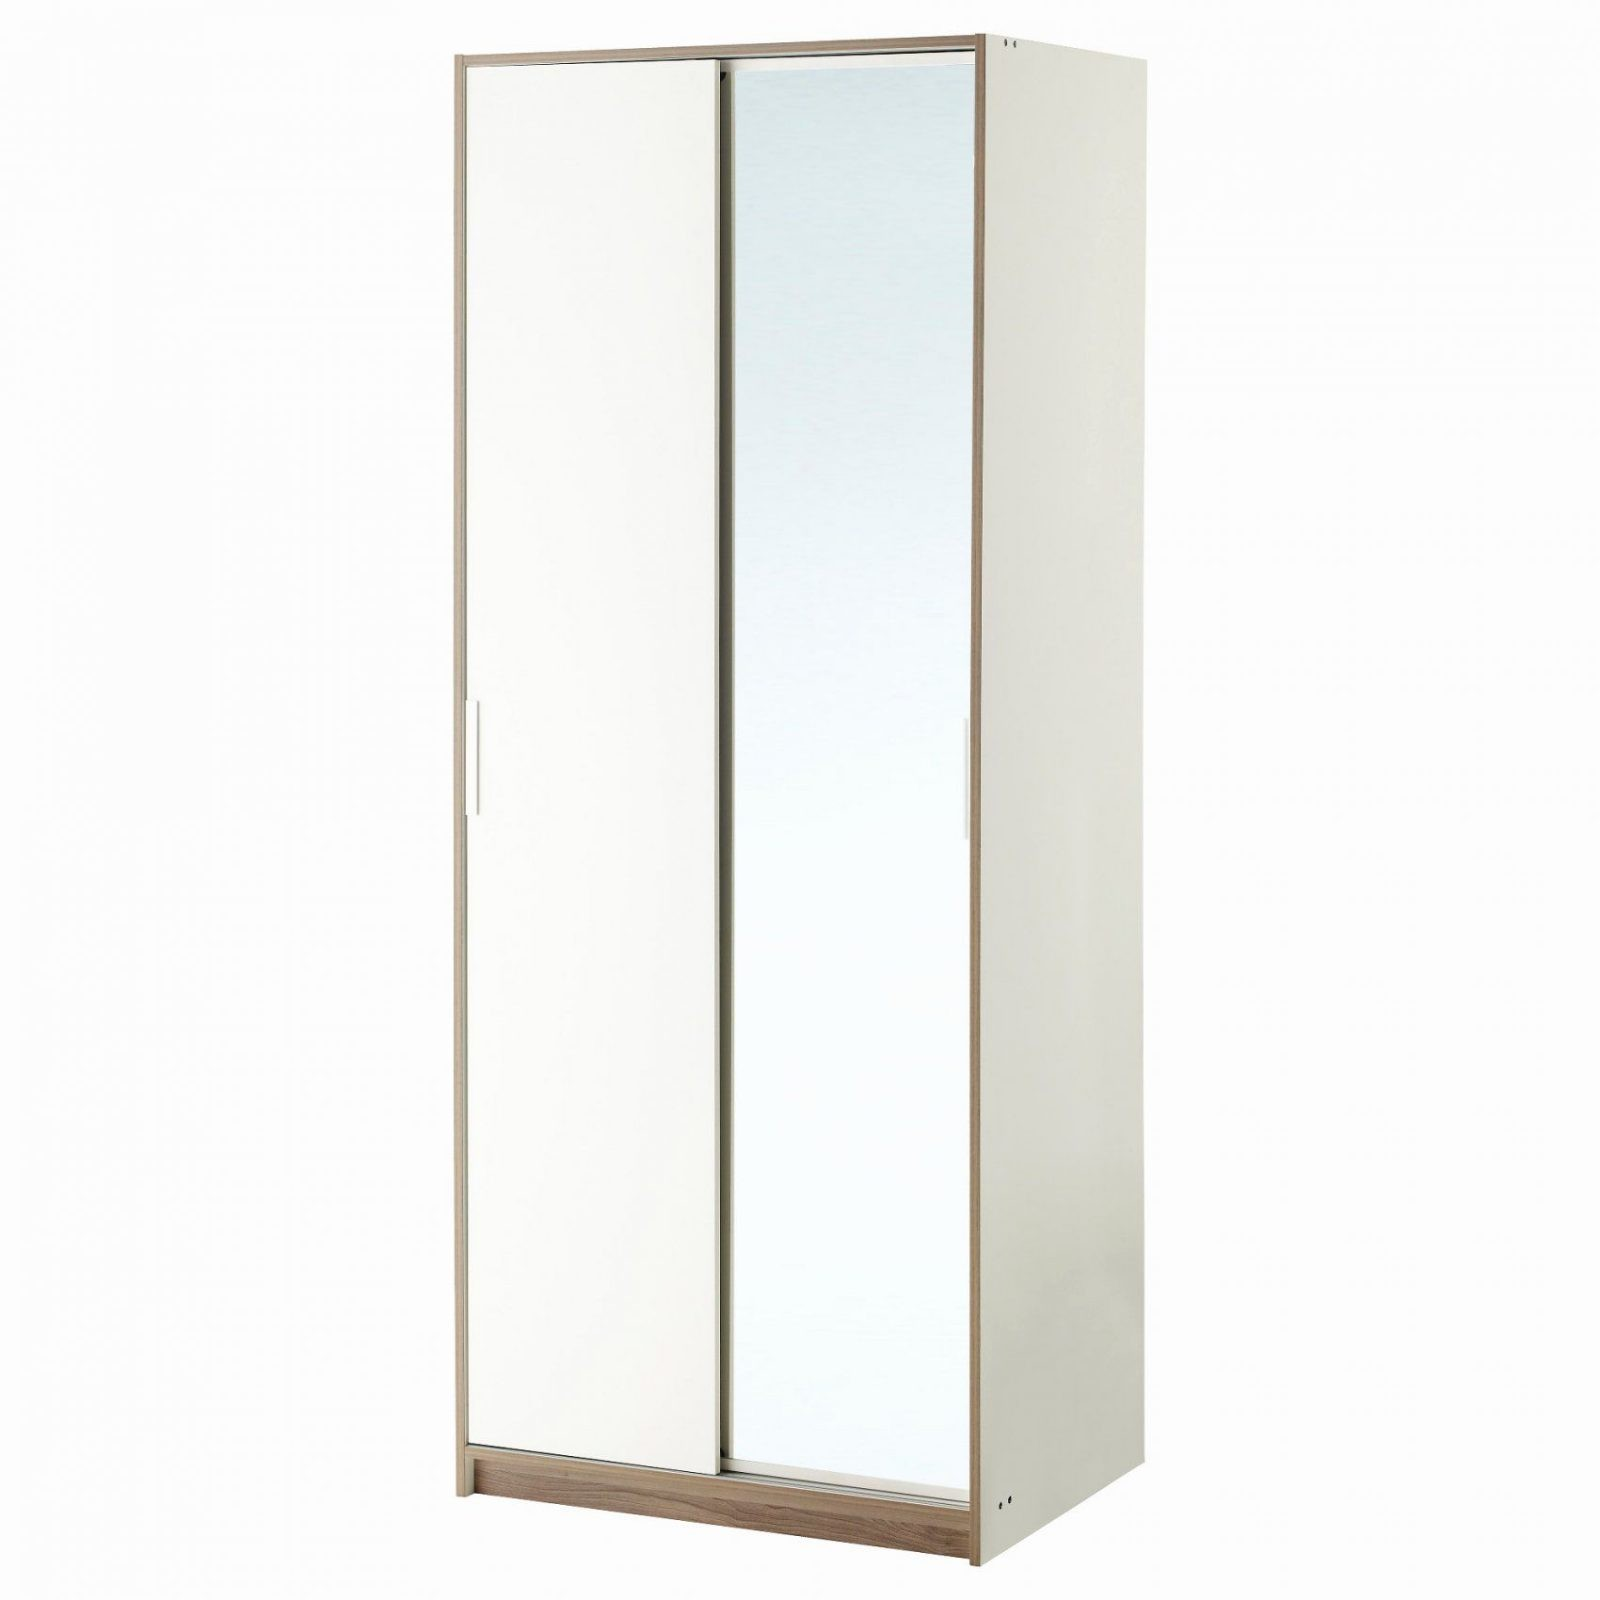 Kleiderschrank Ikea Weiß Spiegel Neu Kleiderschrank 150 Cm Breit von Kleiderschrank 150 Cm Breit Photo